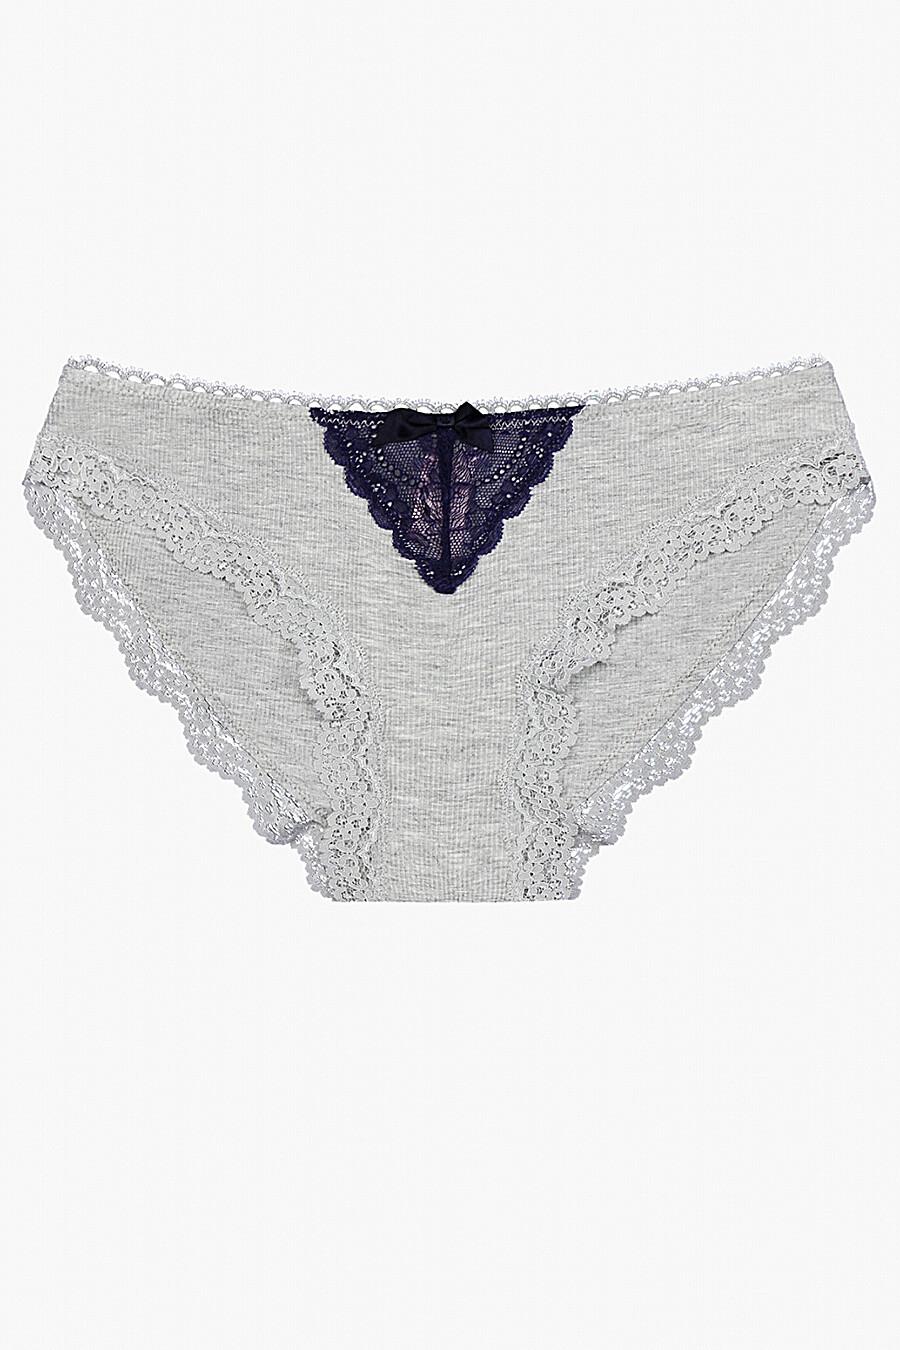 Трусы для женщин INDEFINI 184538 купить оптом от производителя. Совместная покупка женской одежды в OptMoyo